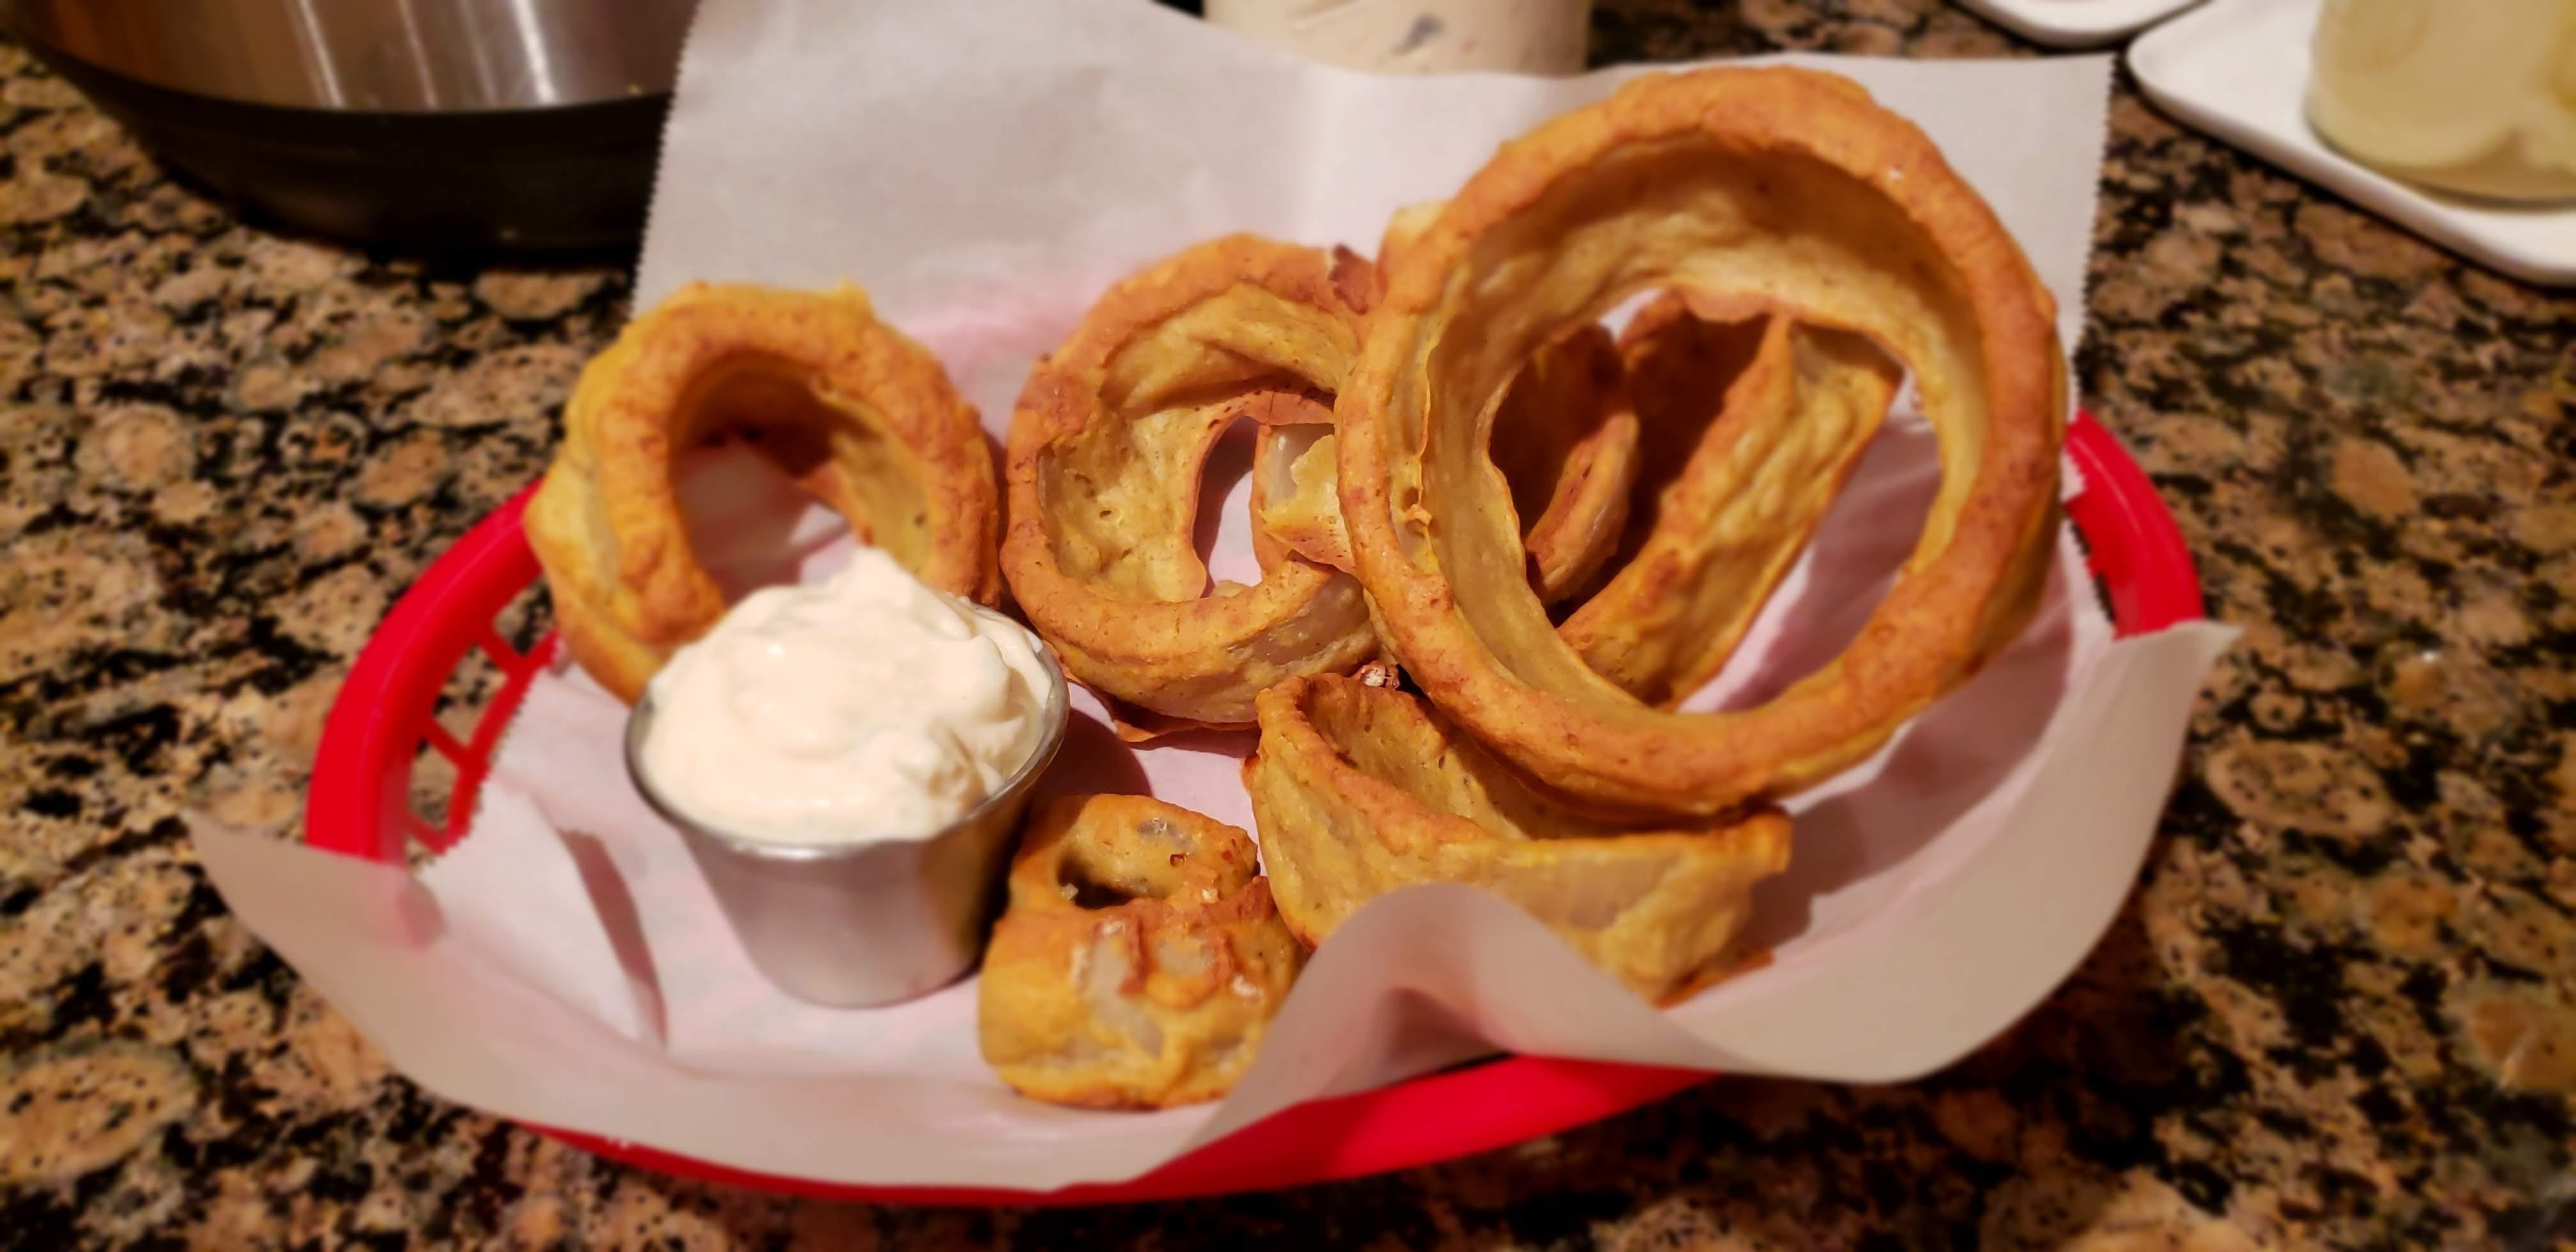 Batter & Bake Onion Rings